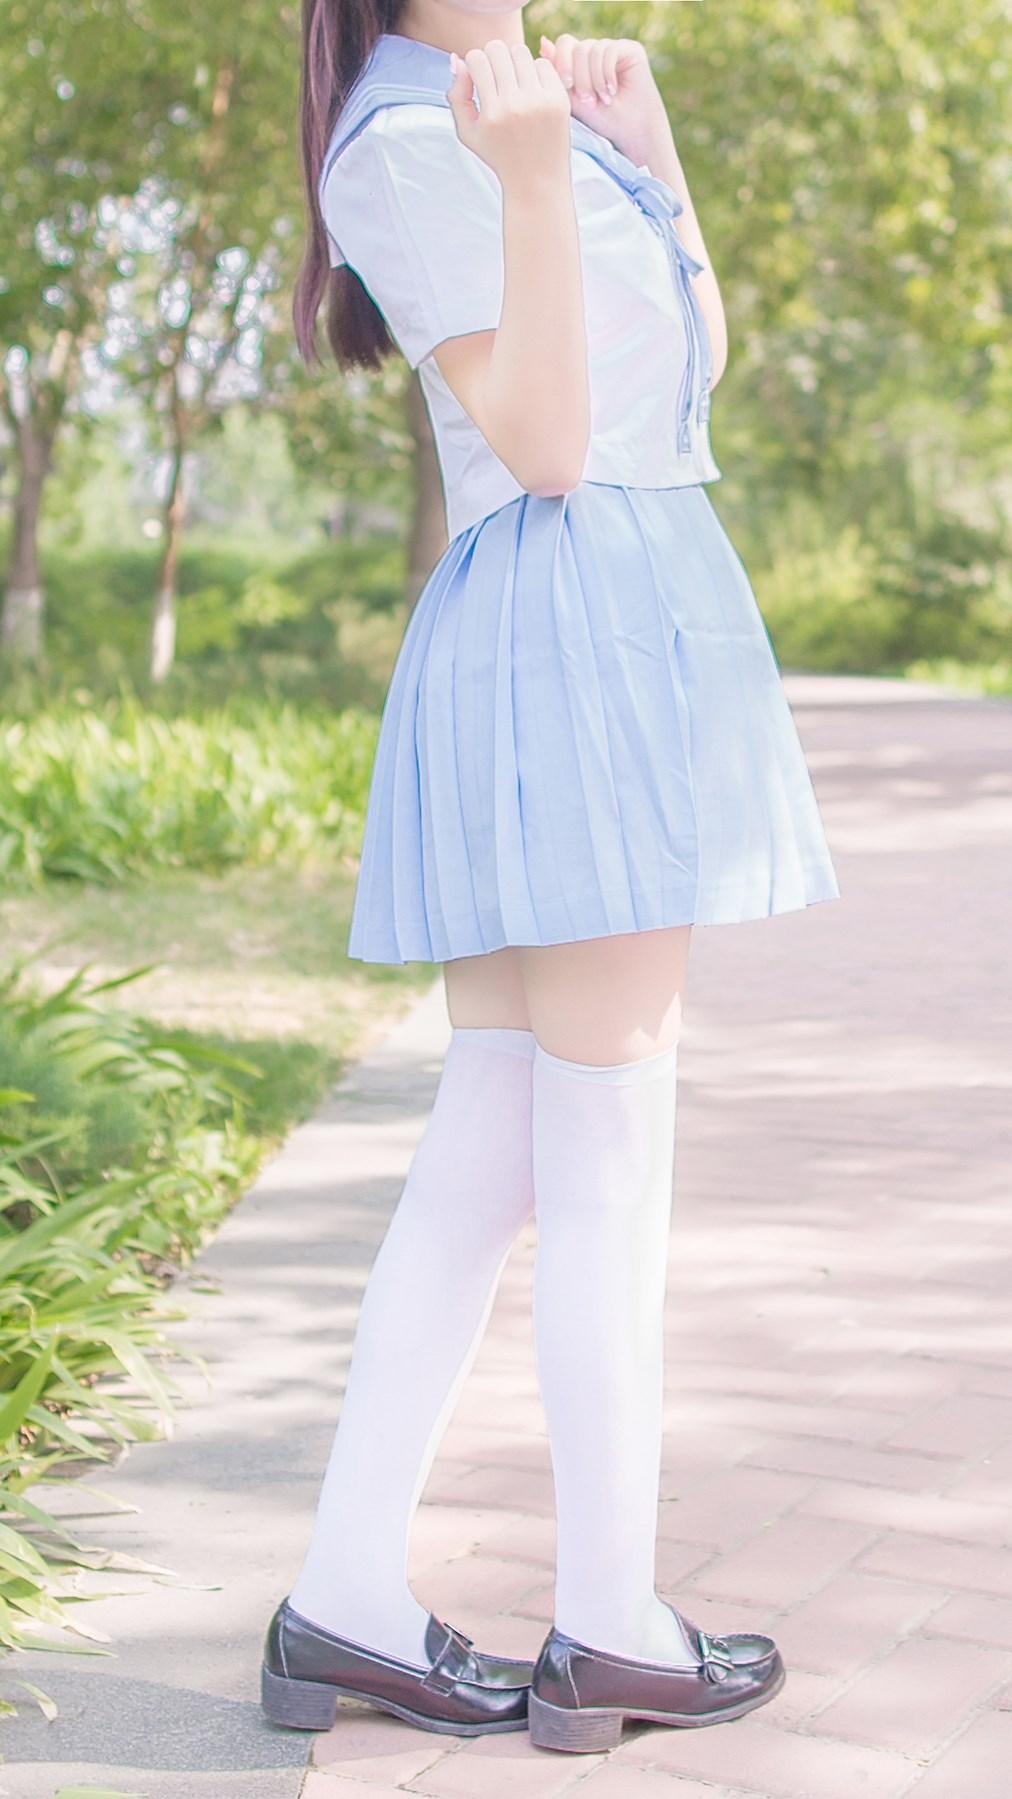 【兔玩映画】水手服 兔玩映画 第22张